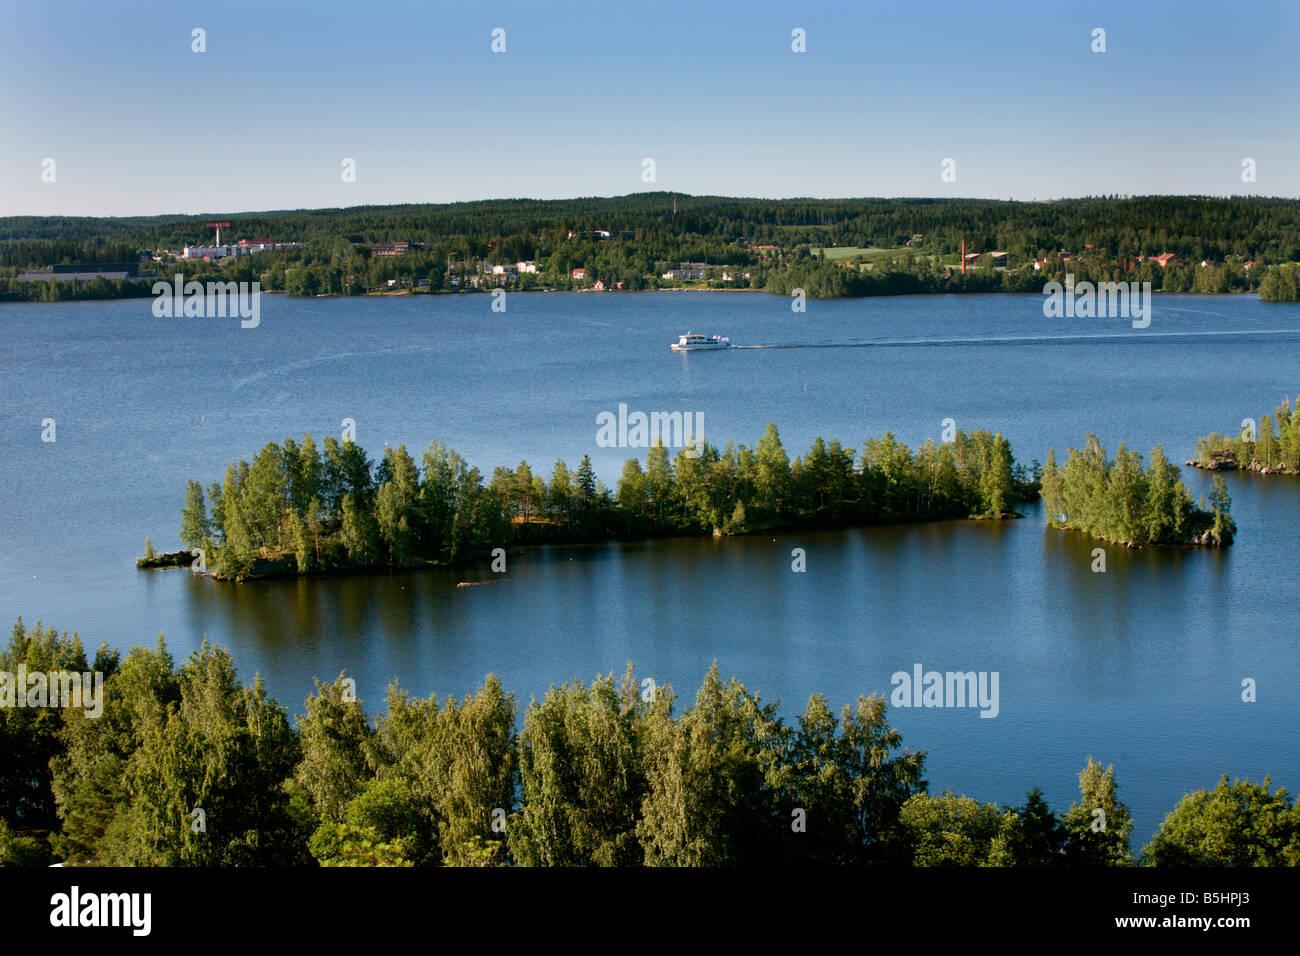 Tampere: Pyynikki Viewpoint: Lake Pyhäjärvi - Stock Image